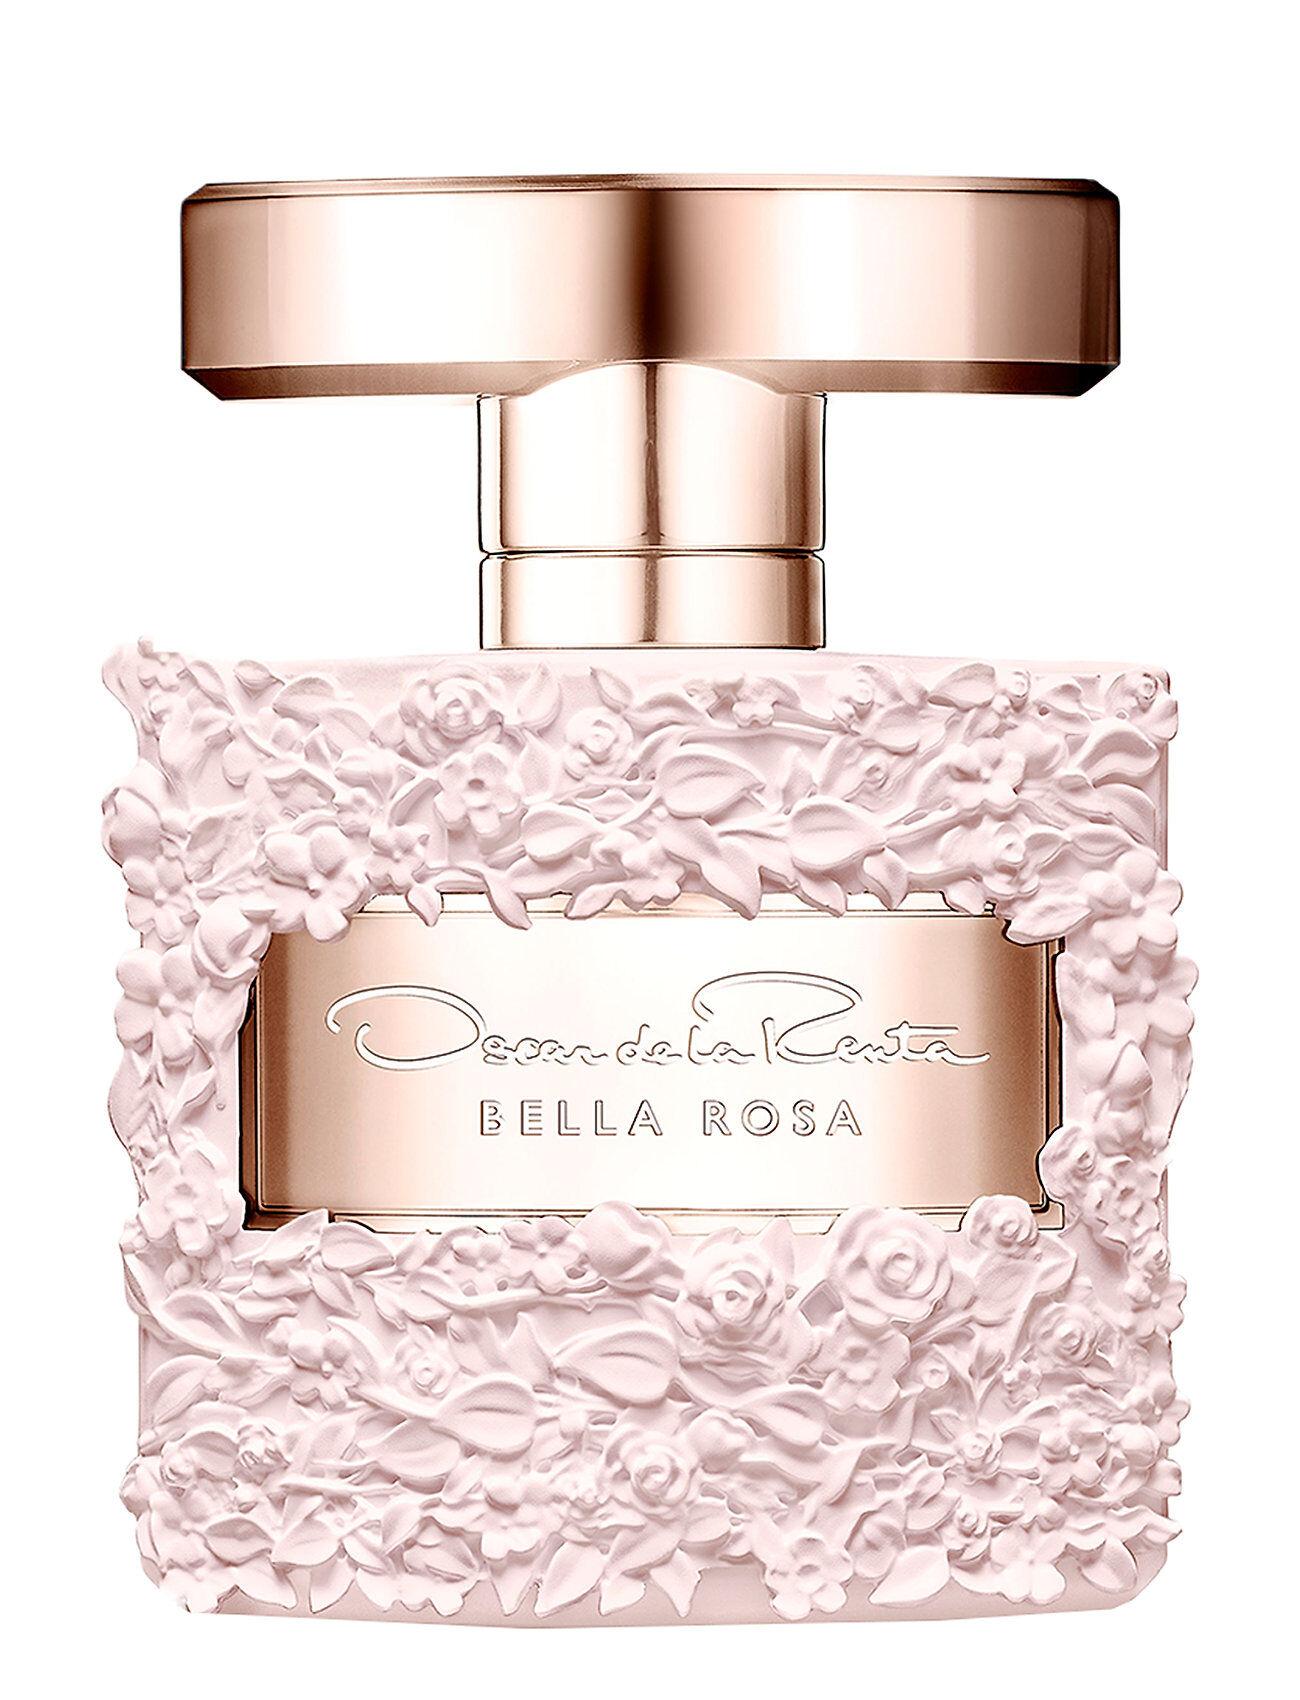 Oscar de la Renta Bella Rosa Eau Deparfum Hajuvesi Eau De Parfum Nude Oscar De La Renta